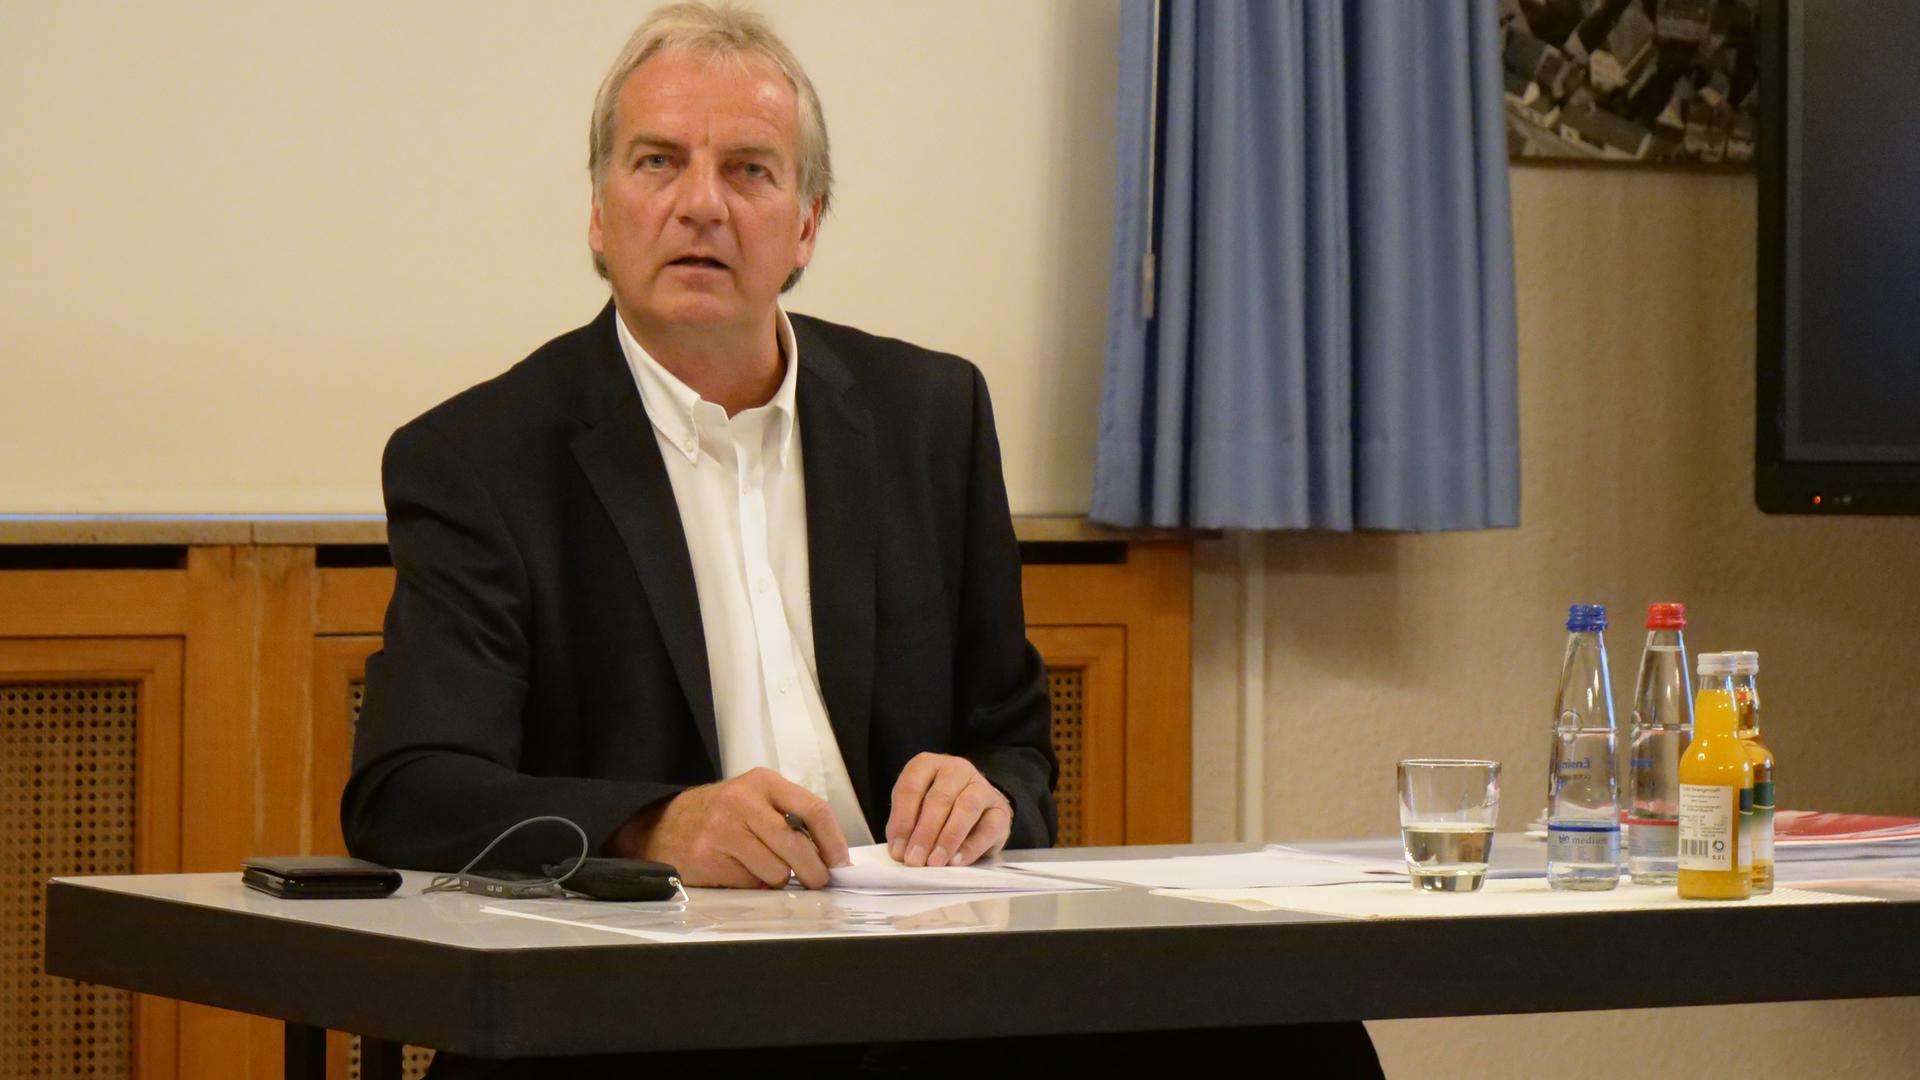 Hier verkündet Bürgermeister Heinz-Peter Hopp bei einer Pressekonferenz am Donnerstagmorgen im Beisein seiner Amtsleiter den Verzicht auf eine erneute Kandidatur